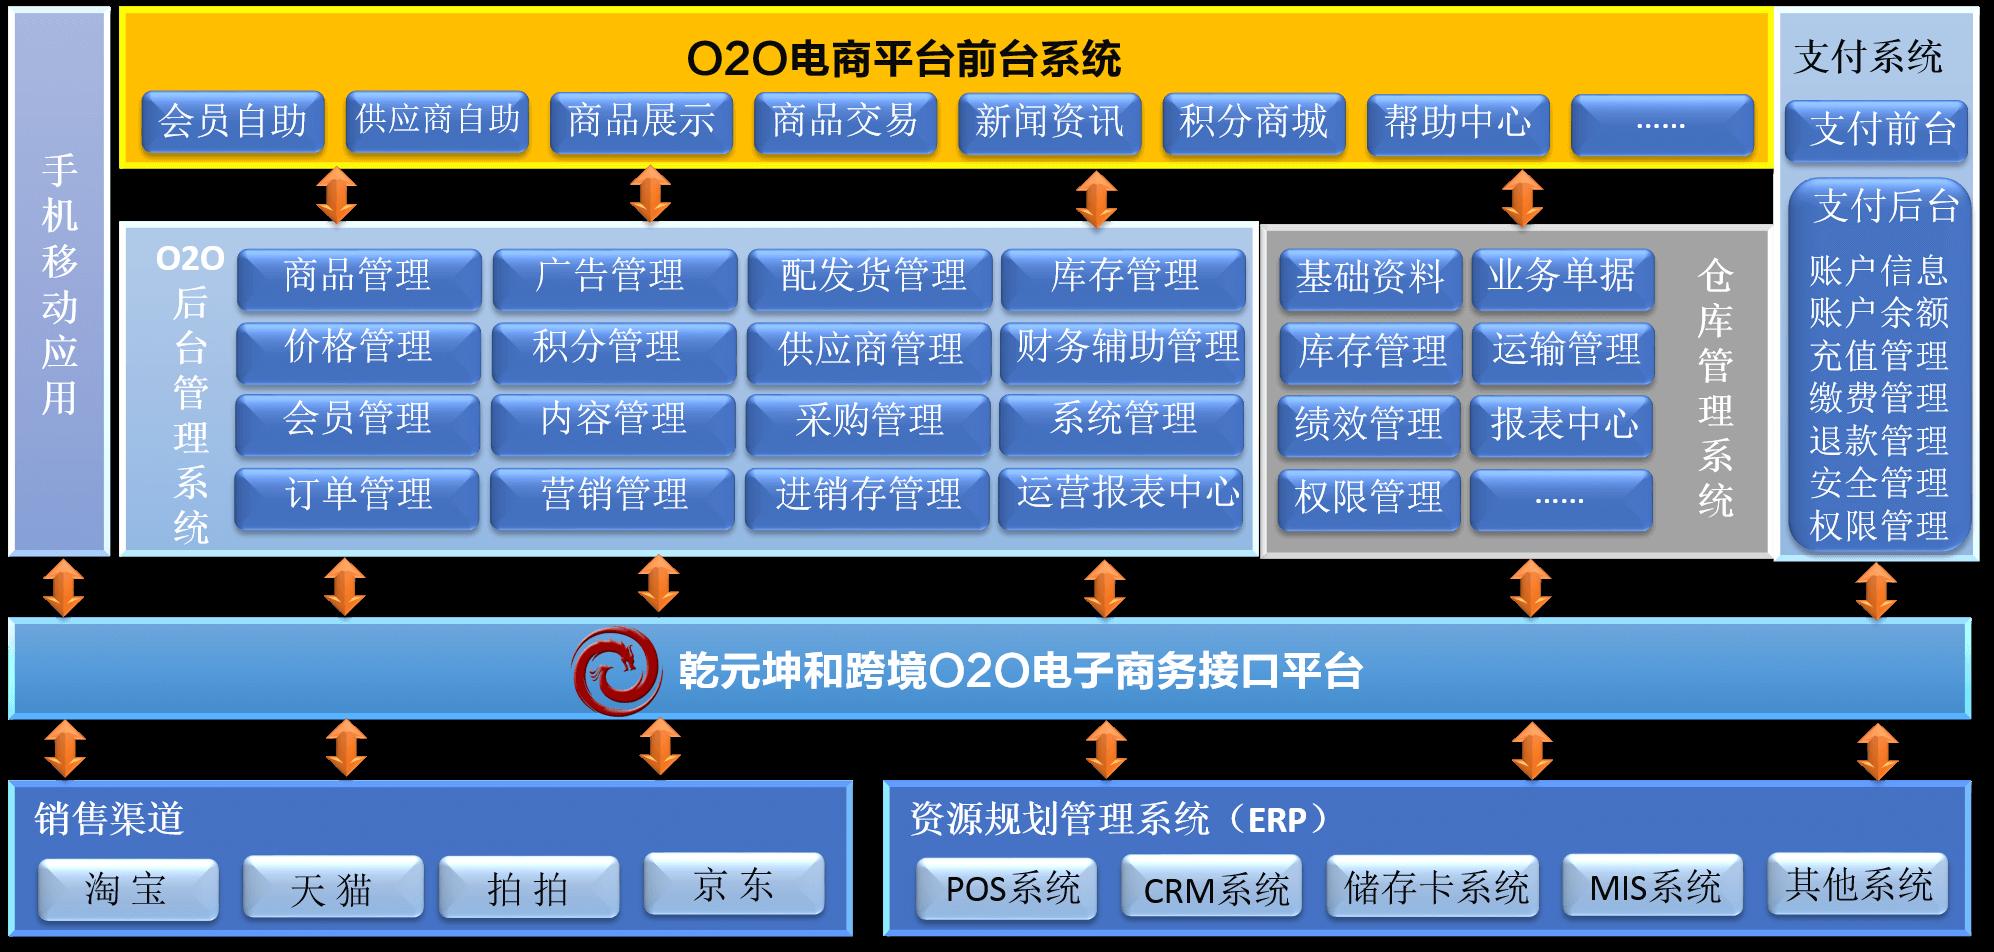 跨境电商平台网站功能架构